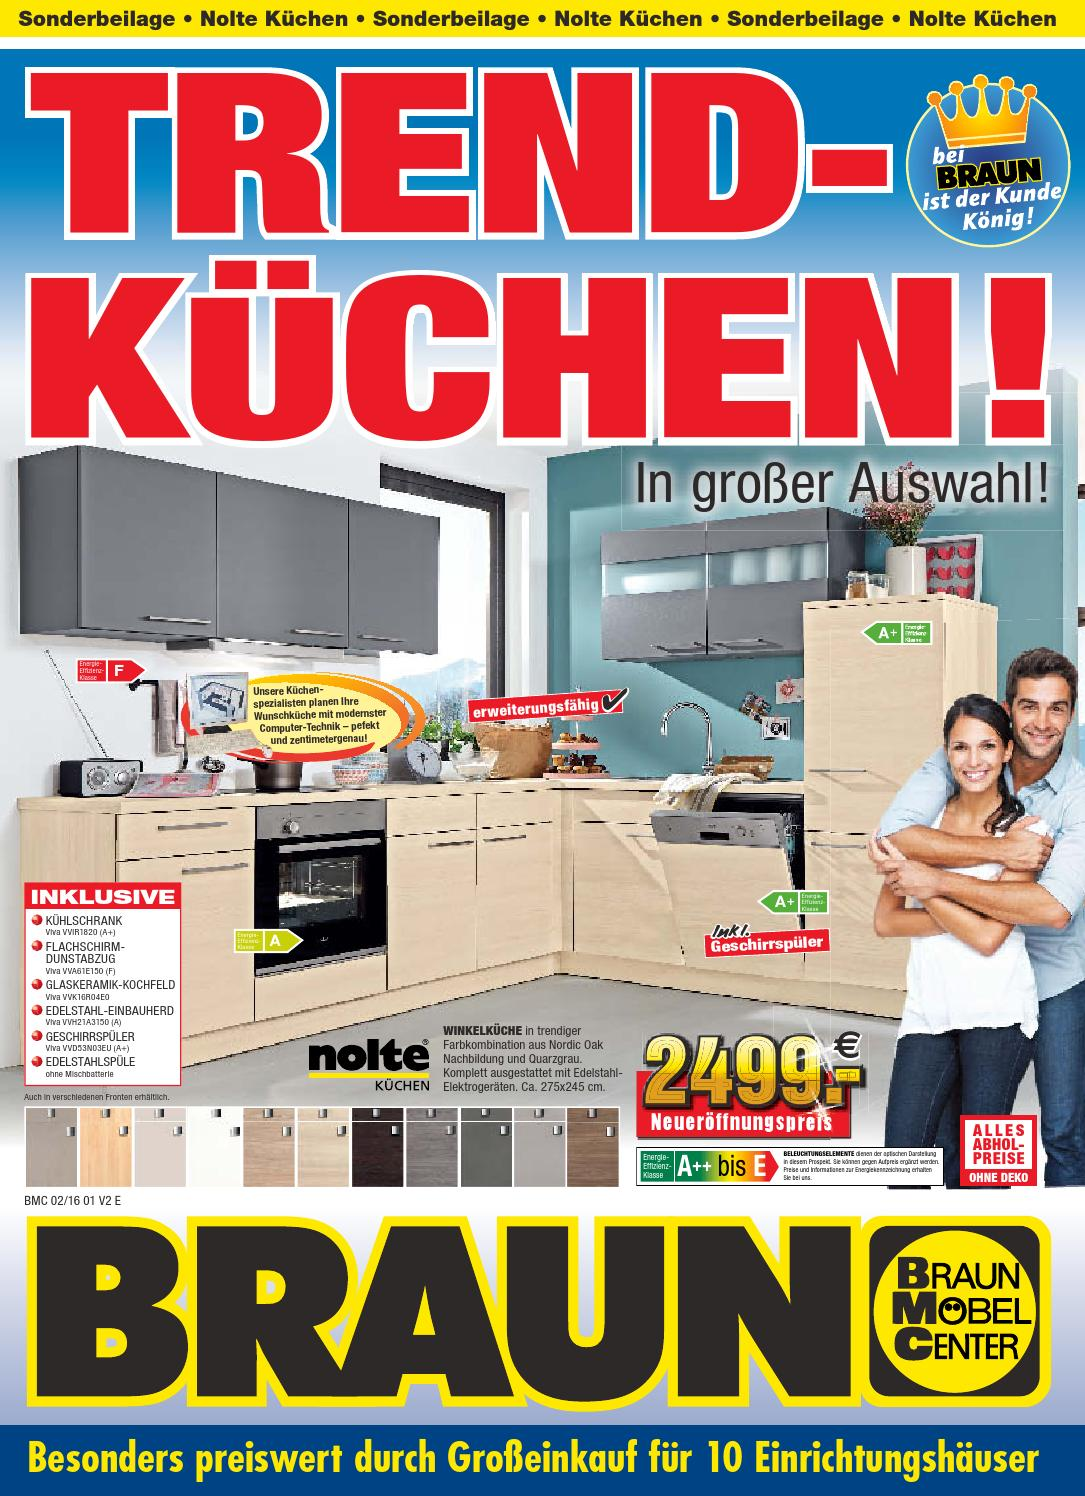 Braun Mobel Center Trend Kuchen By Saarbrucker Verlagsservice Gmbh